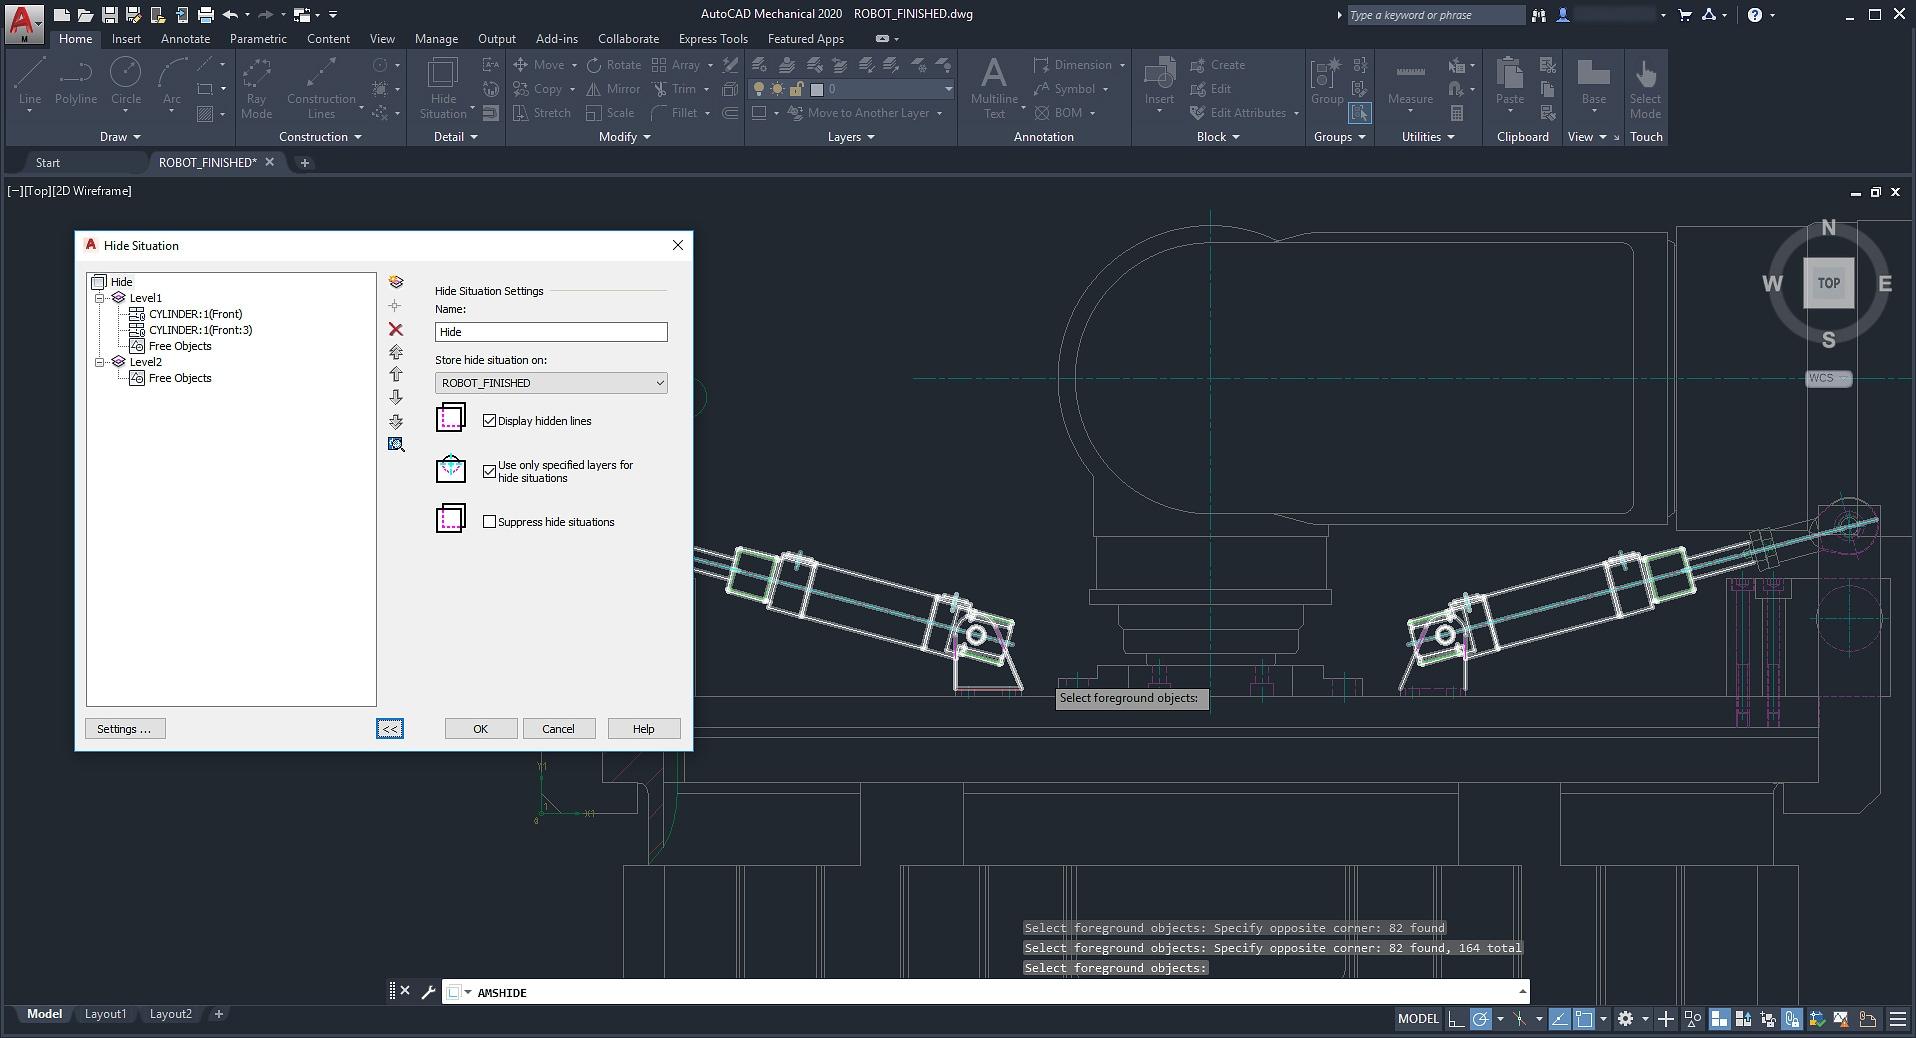 f8c3c4d1f После указания объектов, пересекающихся с другими объектами, AutoCAD  Mechanical автоматически создает скрытые линии